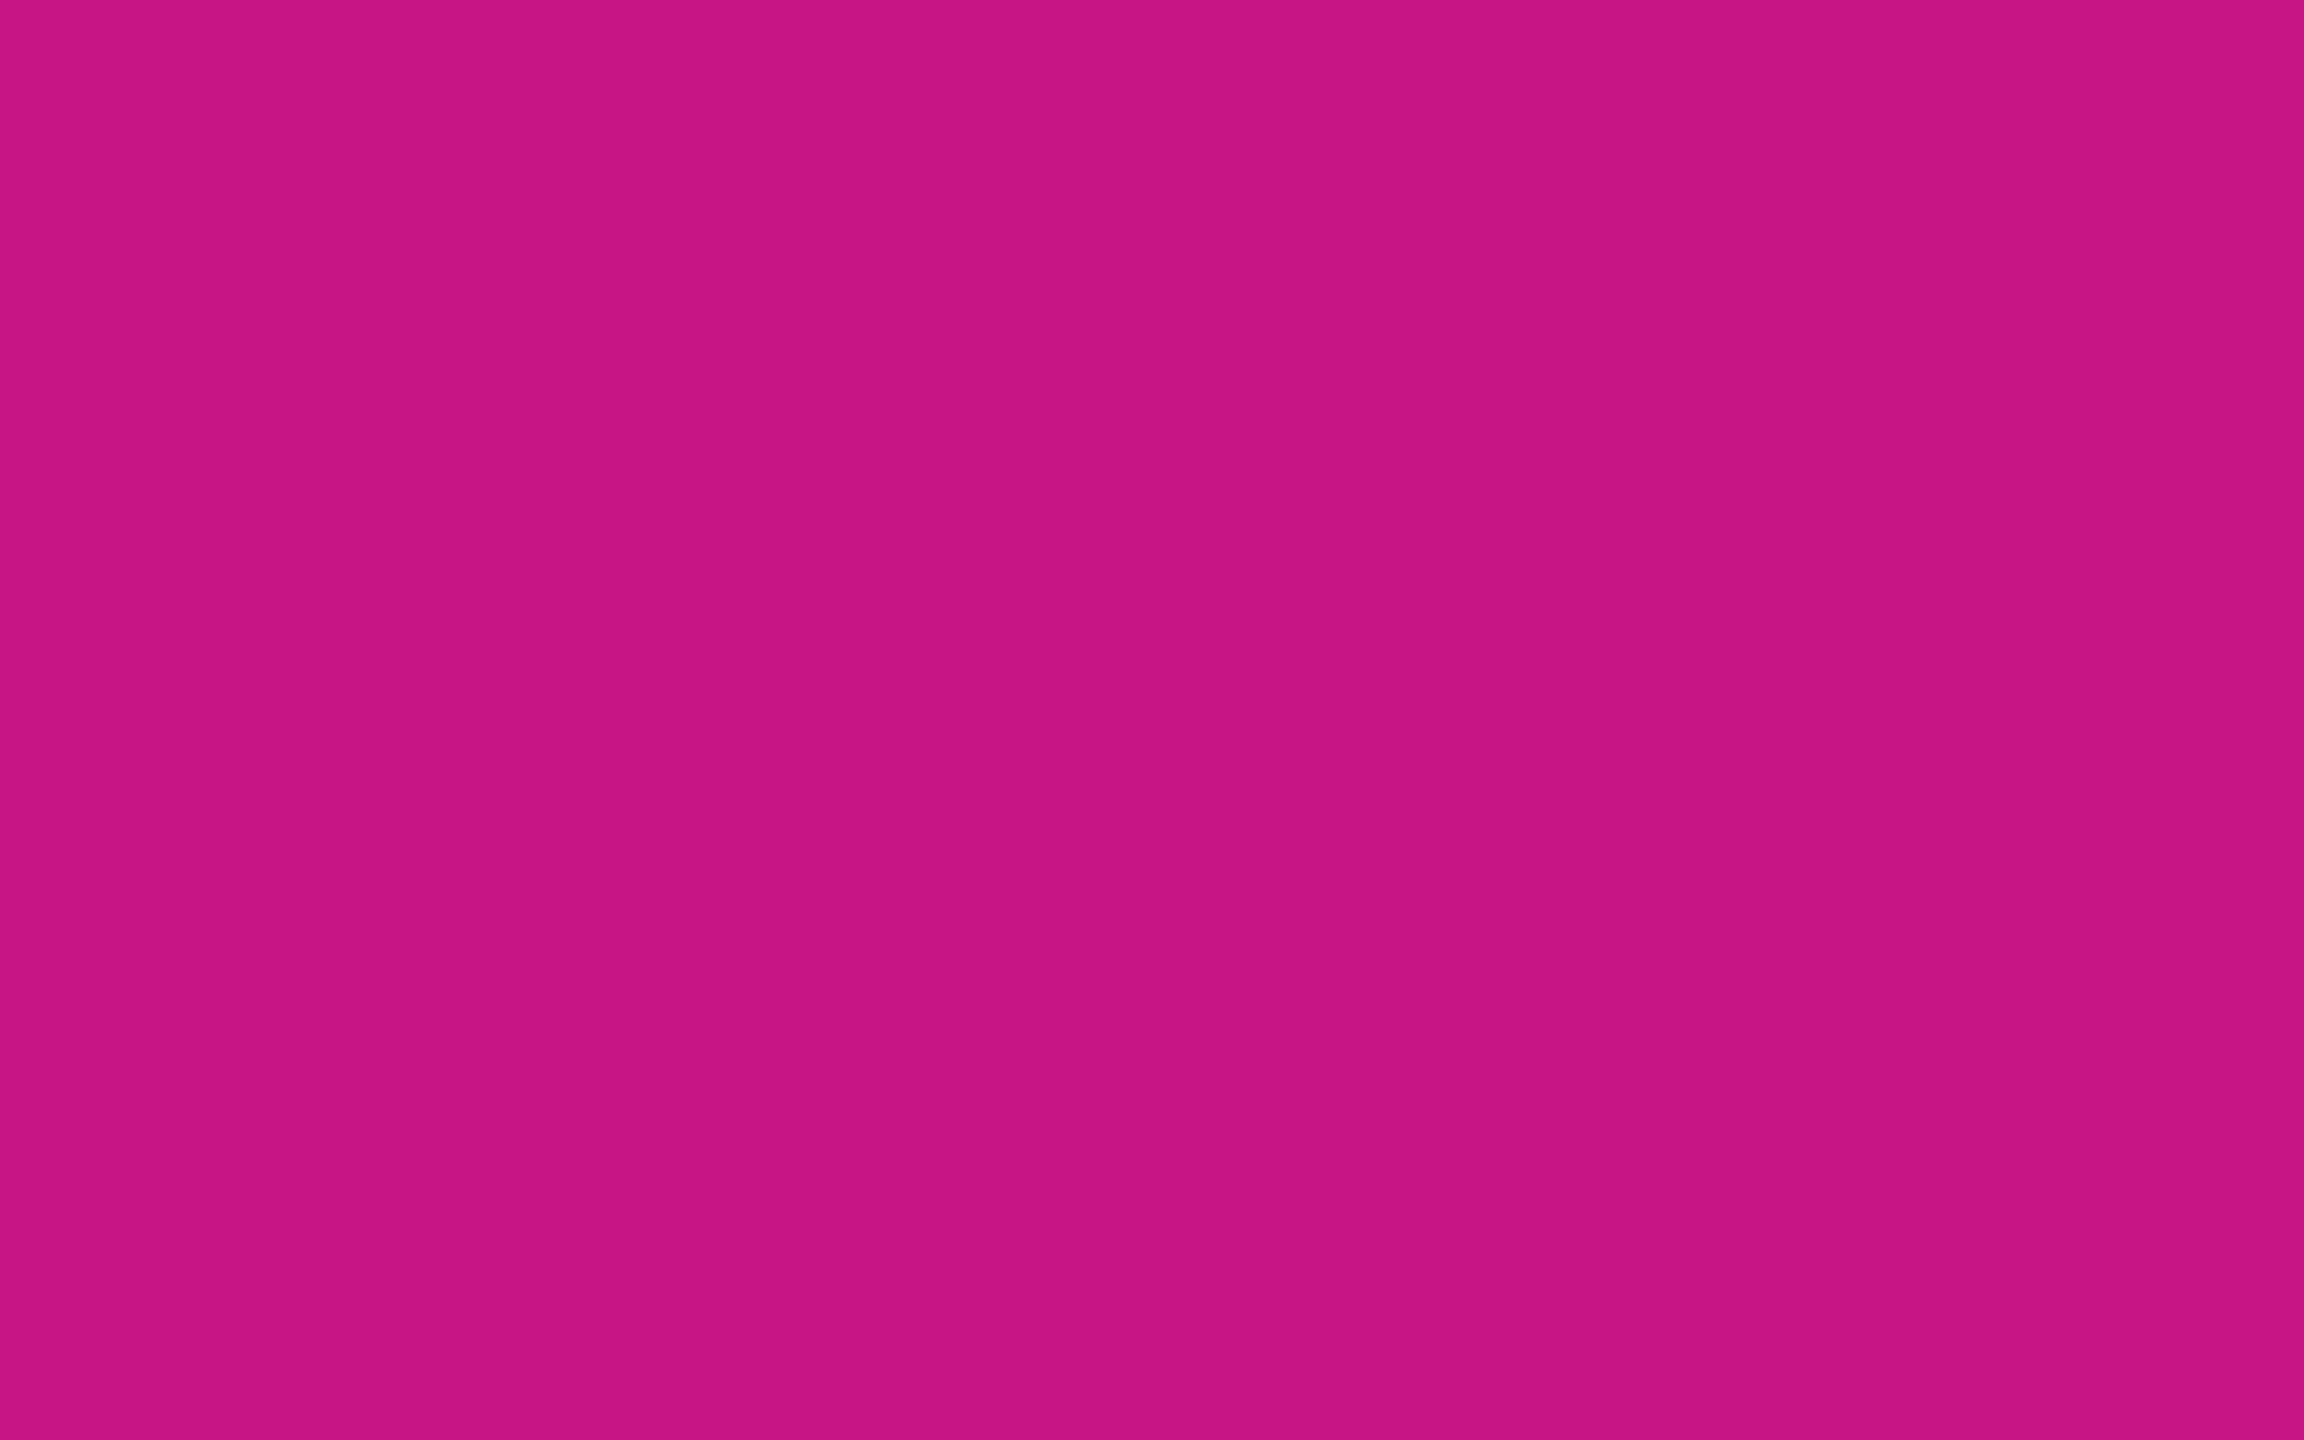 2304x1440 Red-violet Solid Color Background